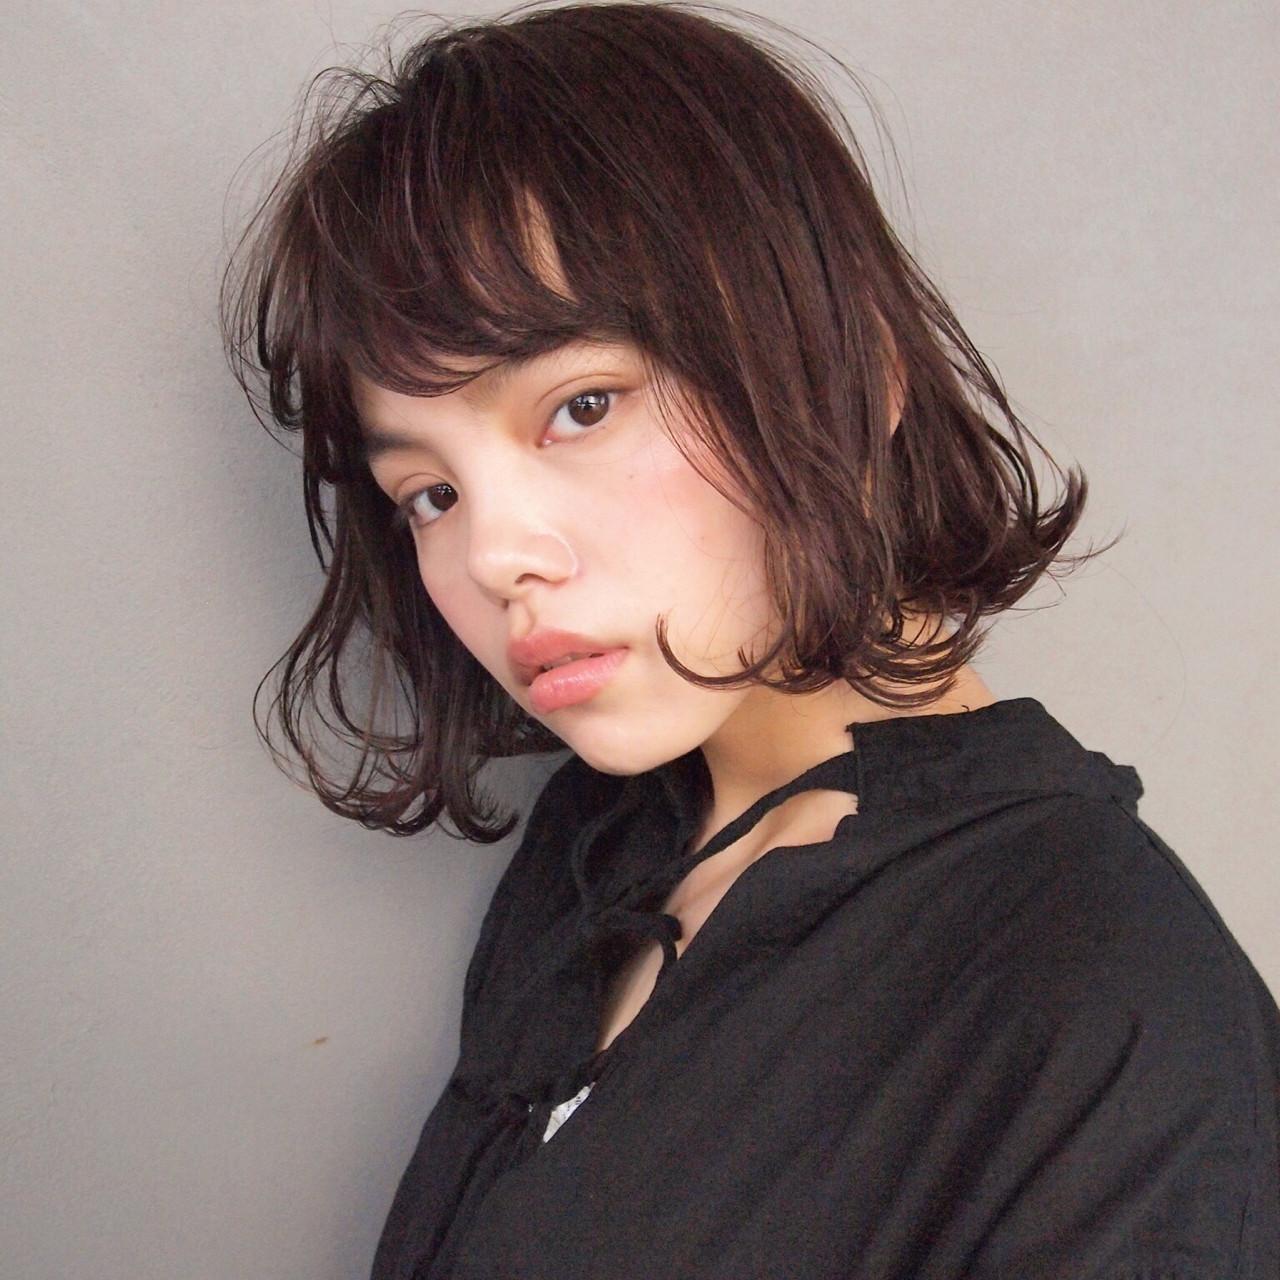 髪のお悩み相談☆「ネコっ毛でボリュームがない」女性には必須のふわふわ髪をGETしよう♡ UEKI / nanuk